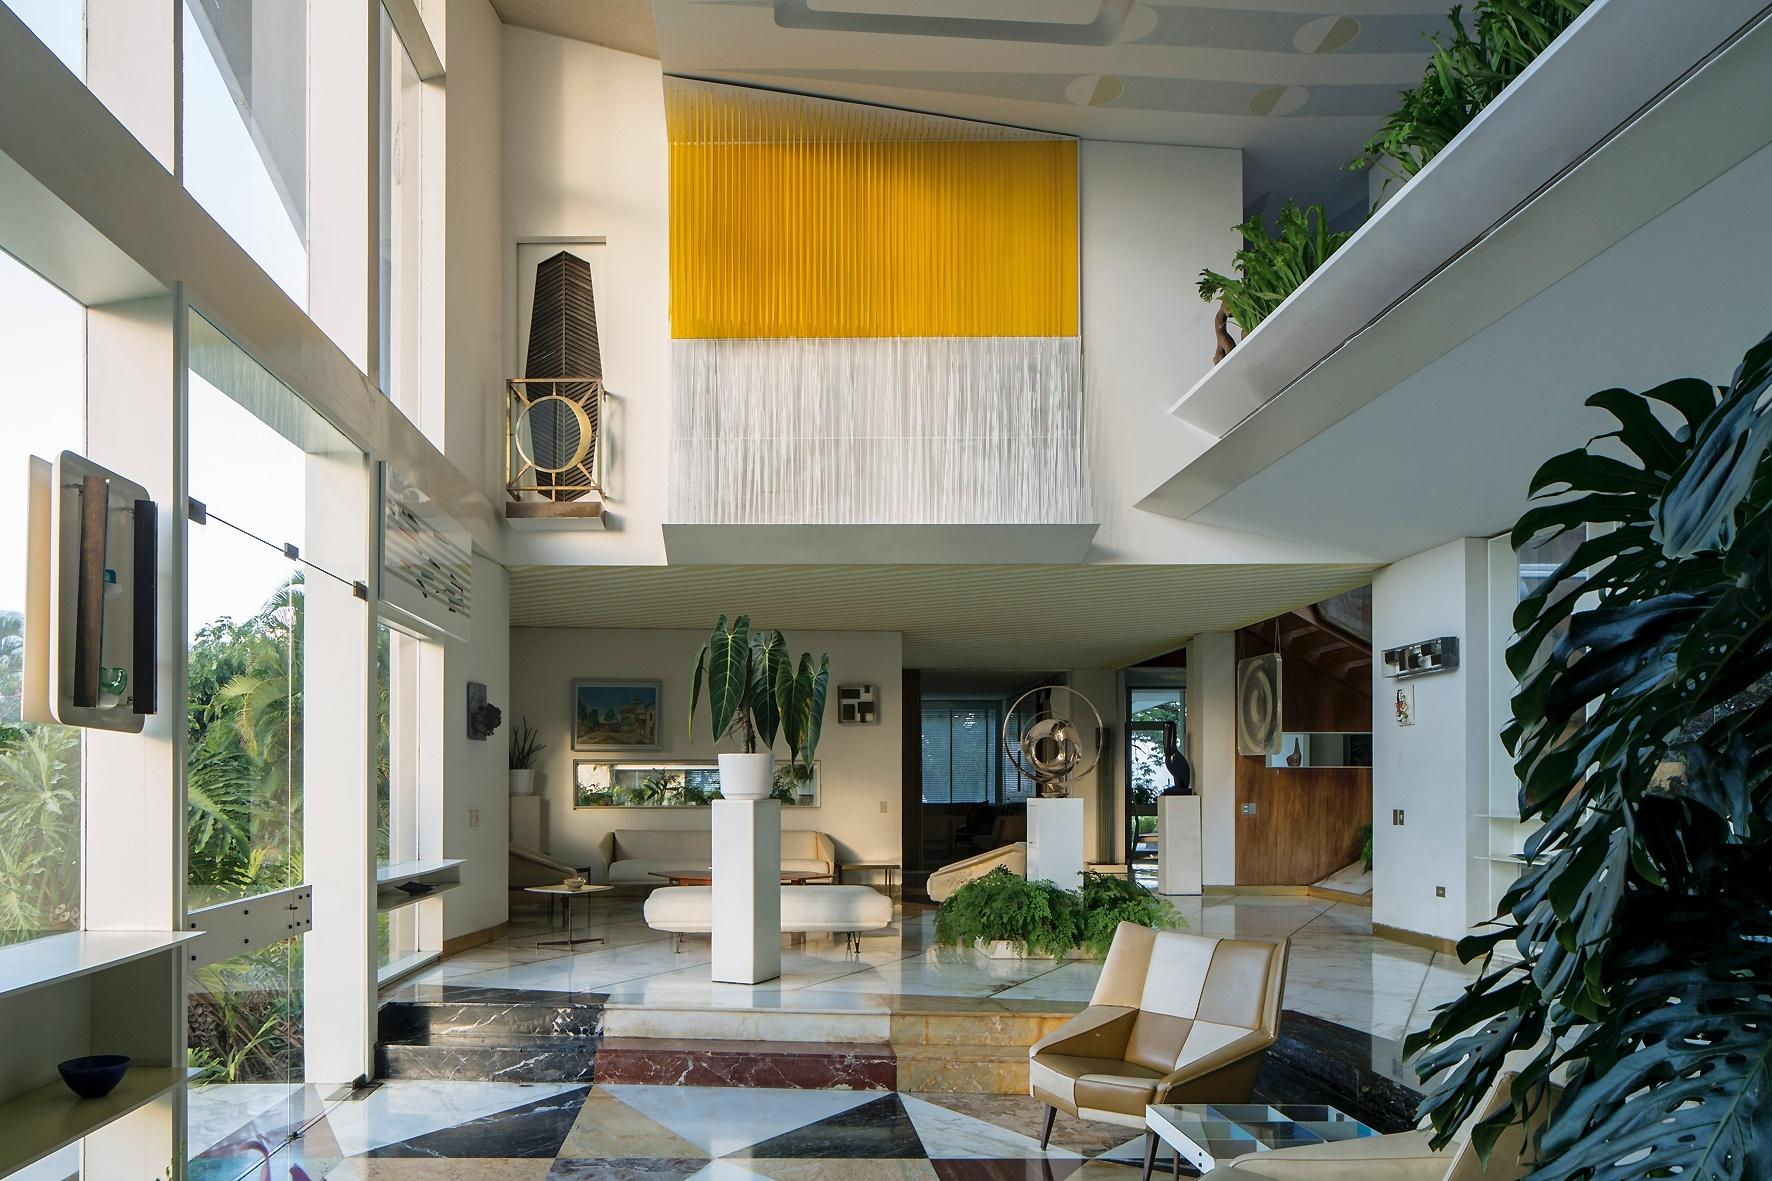 O pé-direito duplo dá monumentalidade à Villa Planchart que, embora tenha sido projetada para ser a morada de um casal, lembra muito uma galeria de arte. A casa, erguida nos anos 1950, é uma das joias arquitetônicas da capital venezuelana e foi projetada pelo italiano Gio Ponti